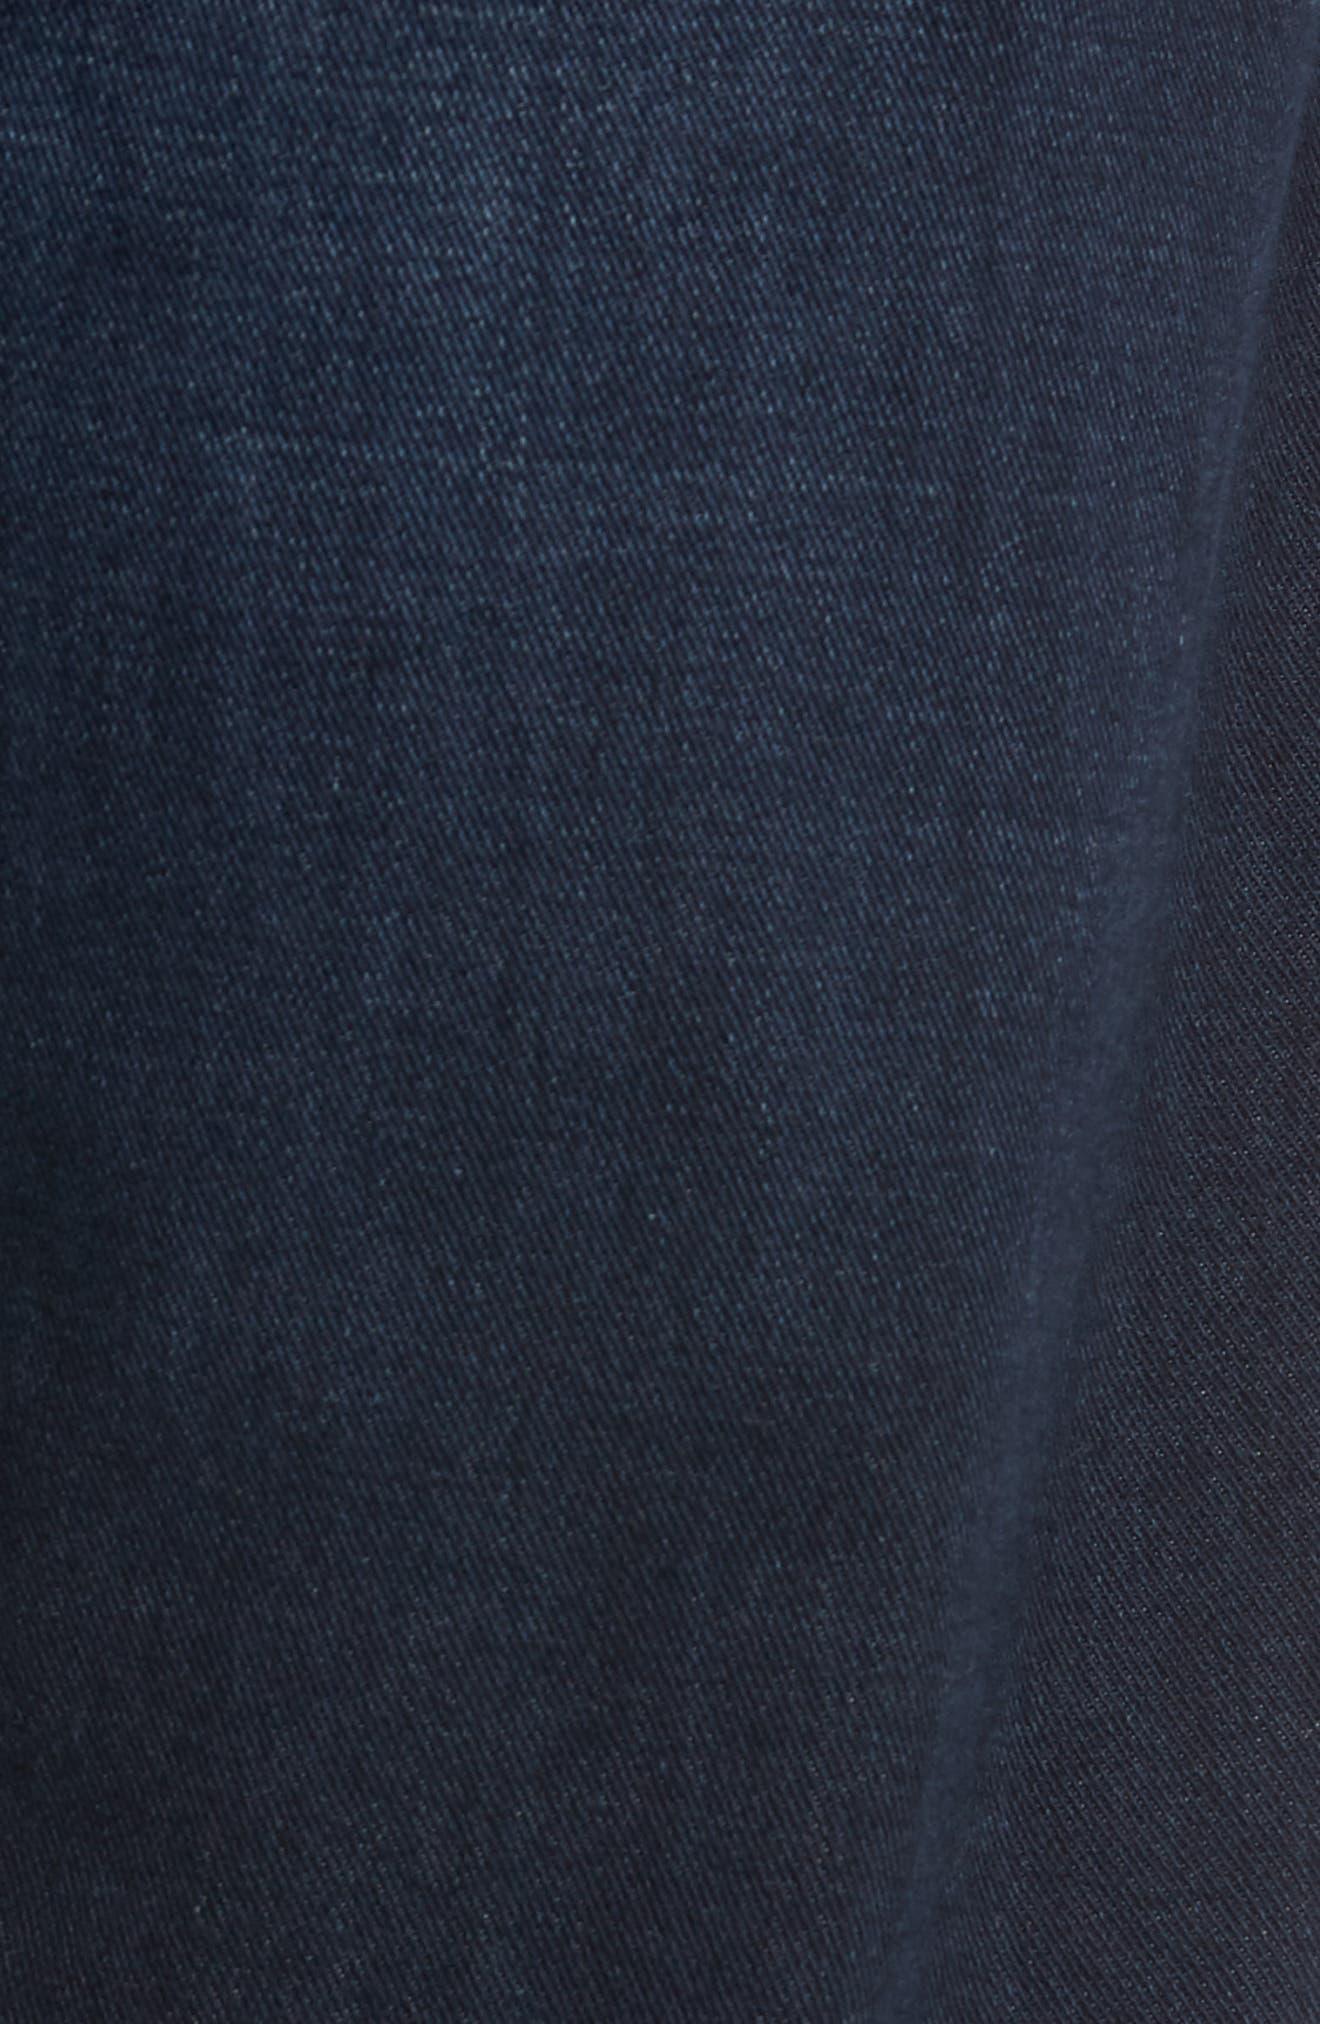 Ives Straight Leg Jeans,                             Alternate thumbnail 5, color,                             COVET